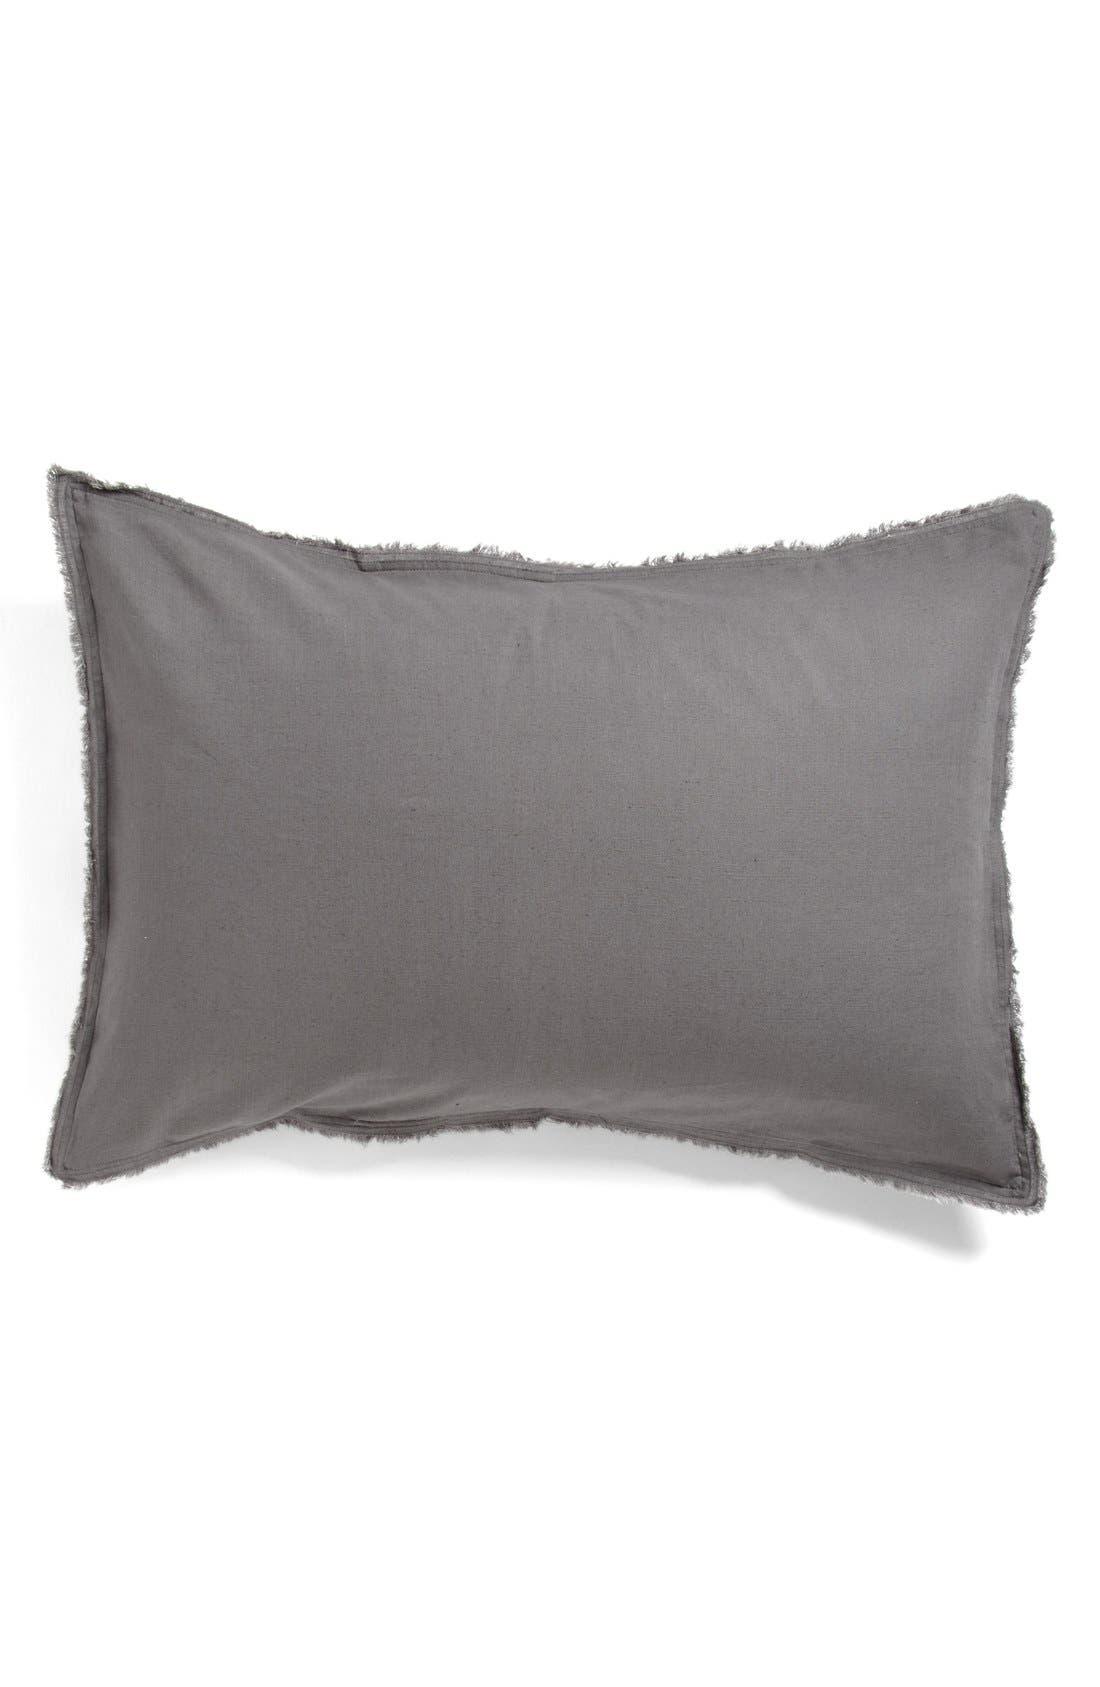 'Terra' Cotton & Linen Sham, Main, color, 021